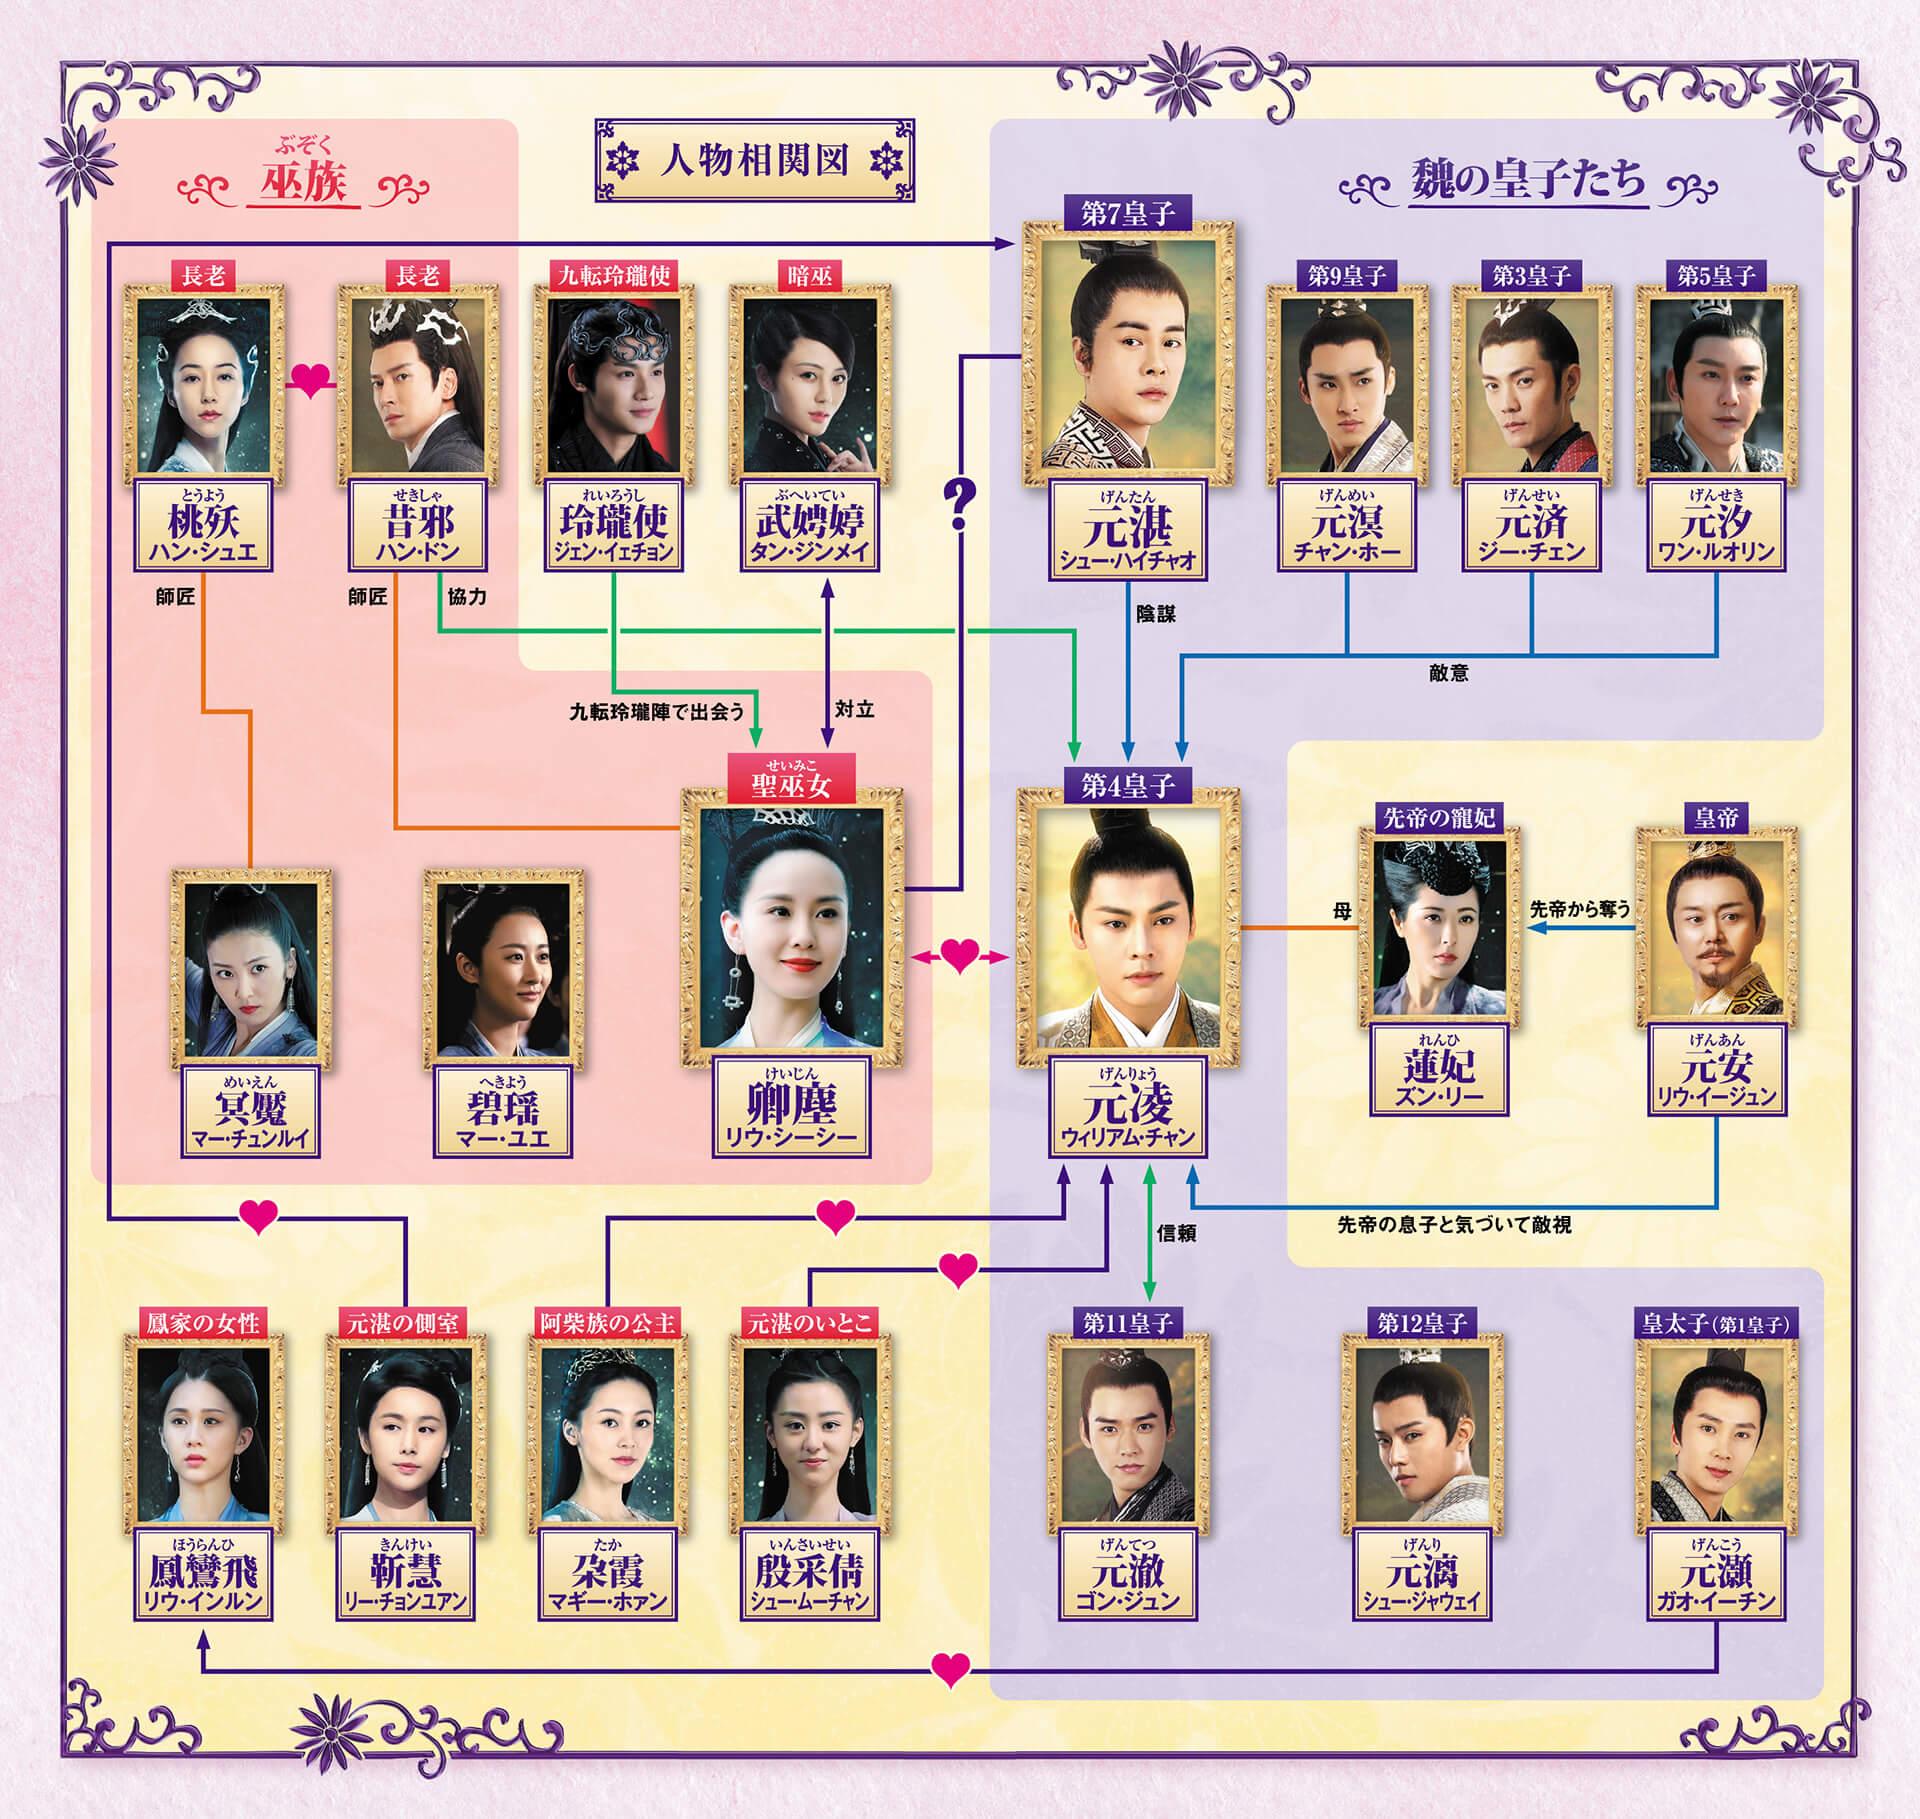 中国ドラマ【酔麗花~エターナル・ラブ~】の人物相関図